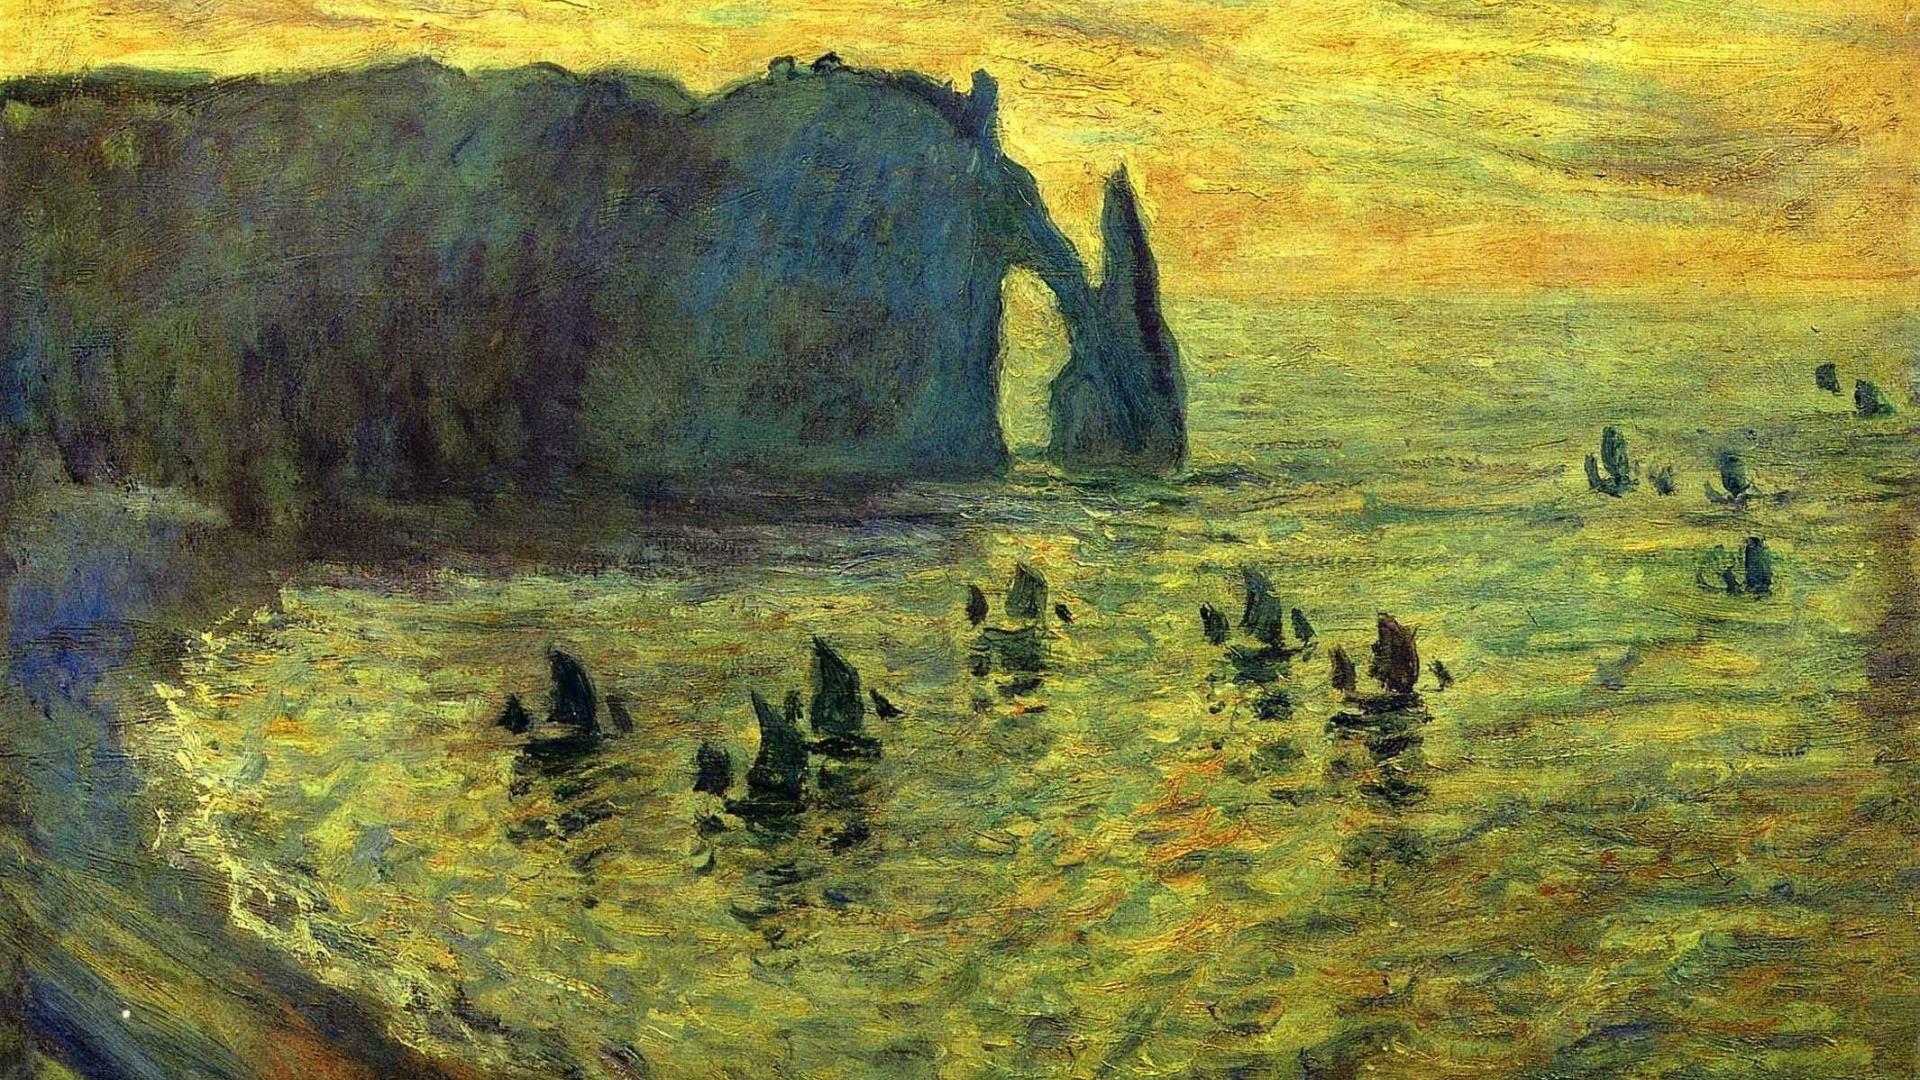 cliffs sailboats claude monet cove impressionism wallpaper 44325 1920x1080